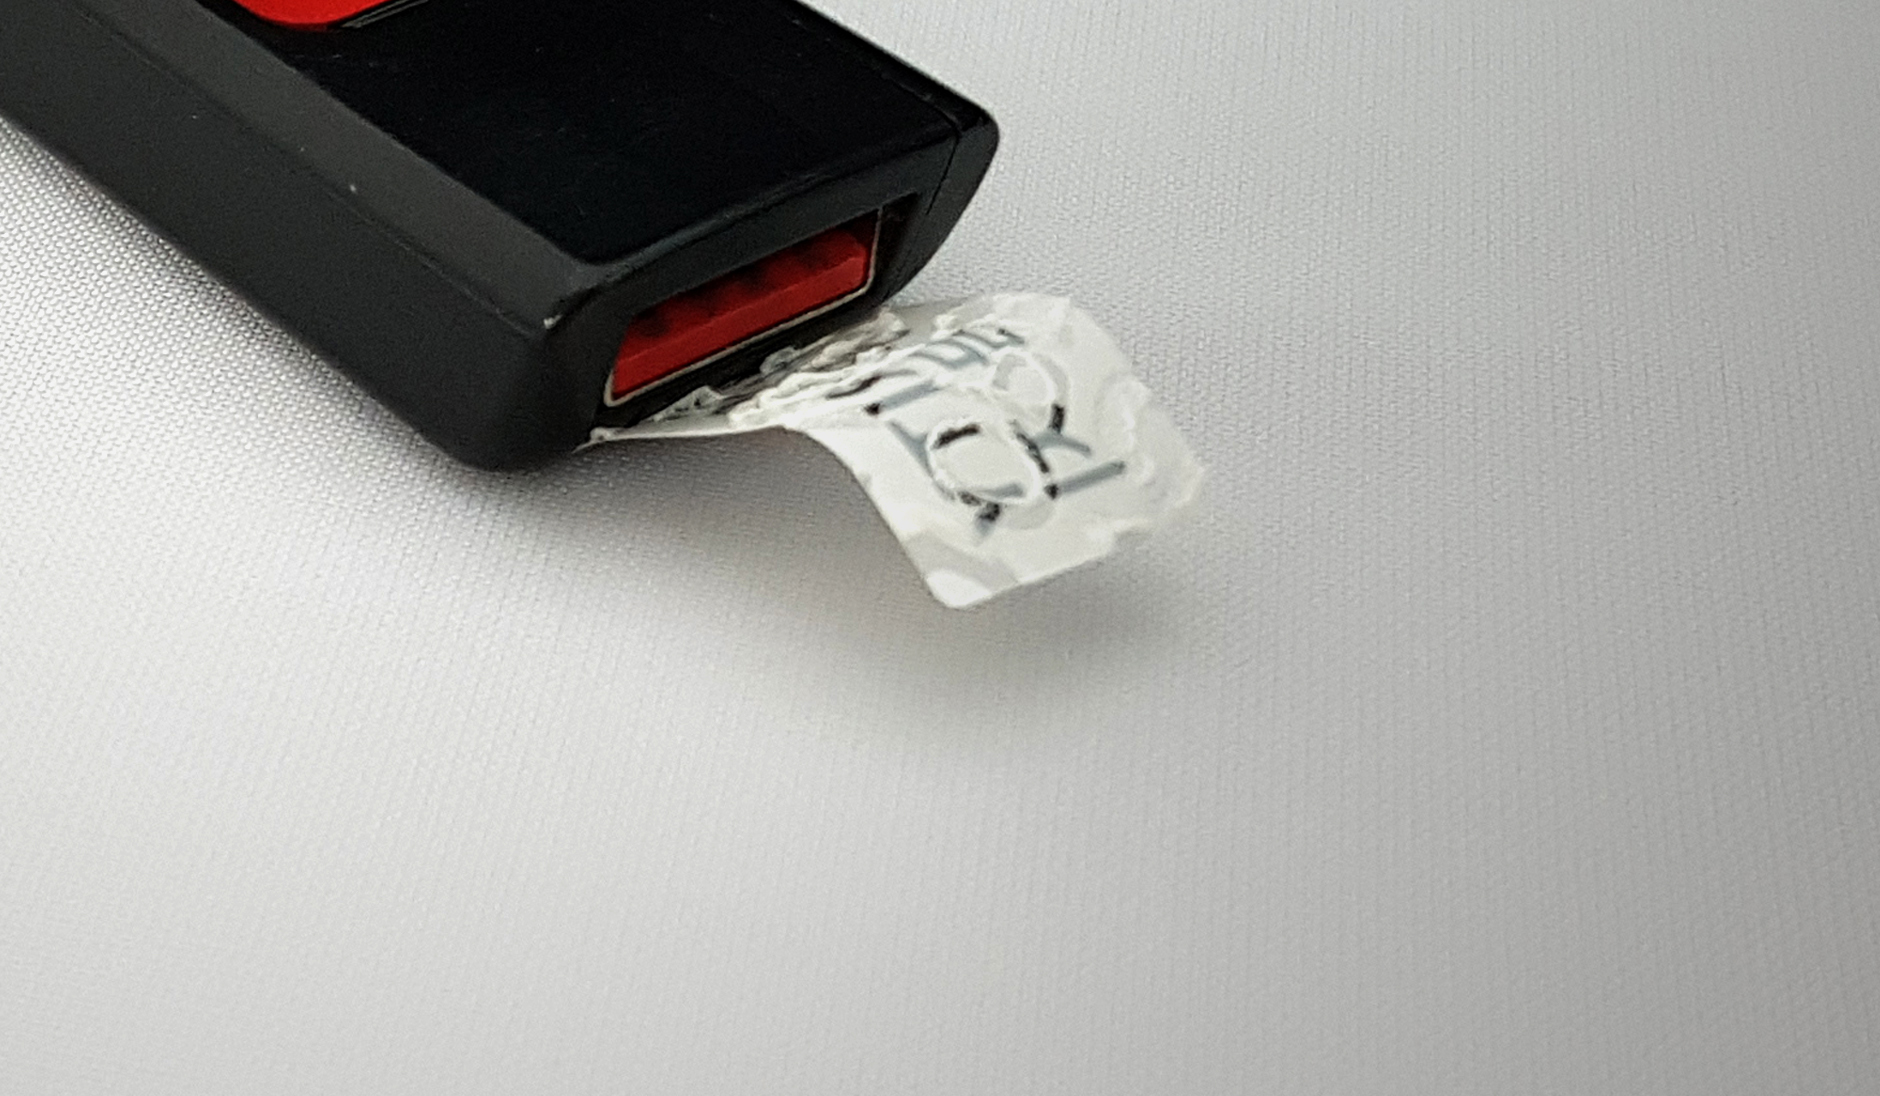 USB봉인_확대샷_1